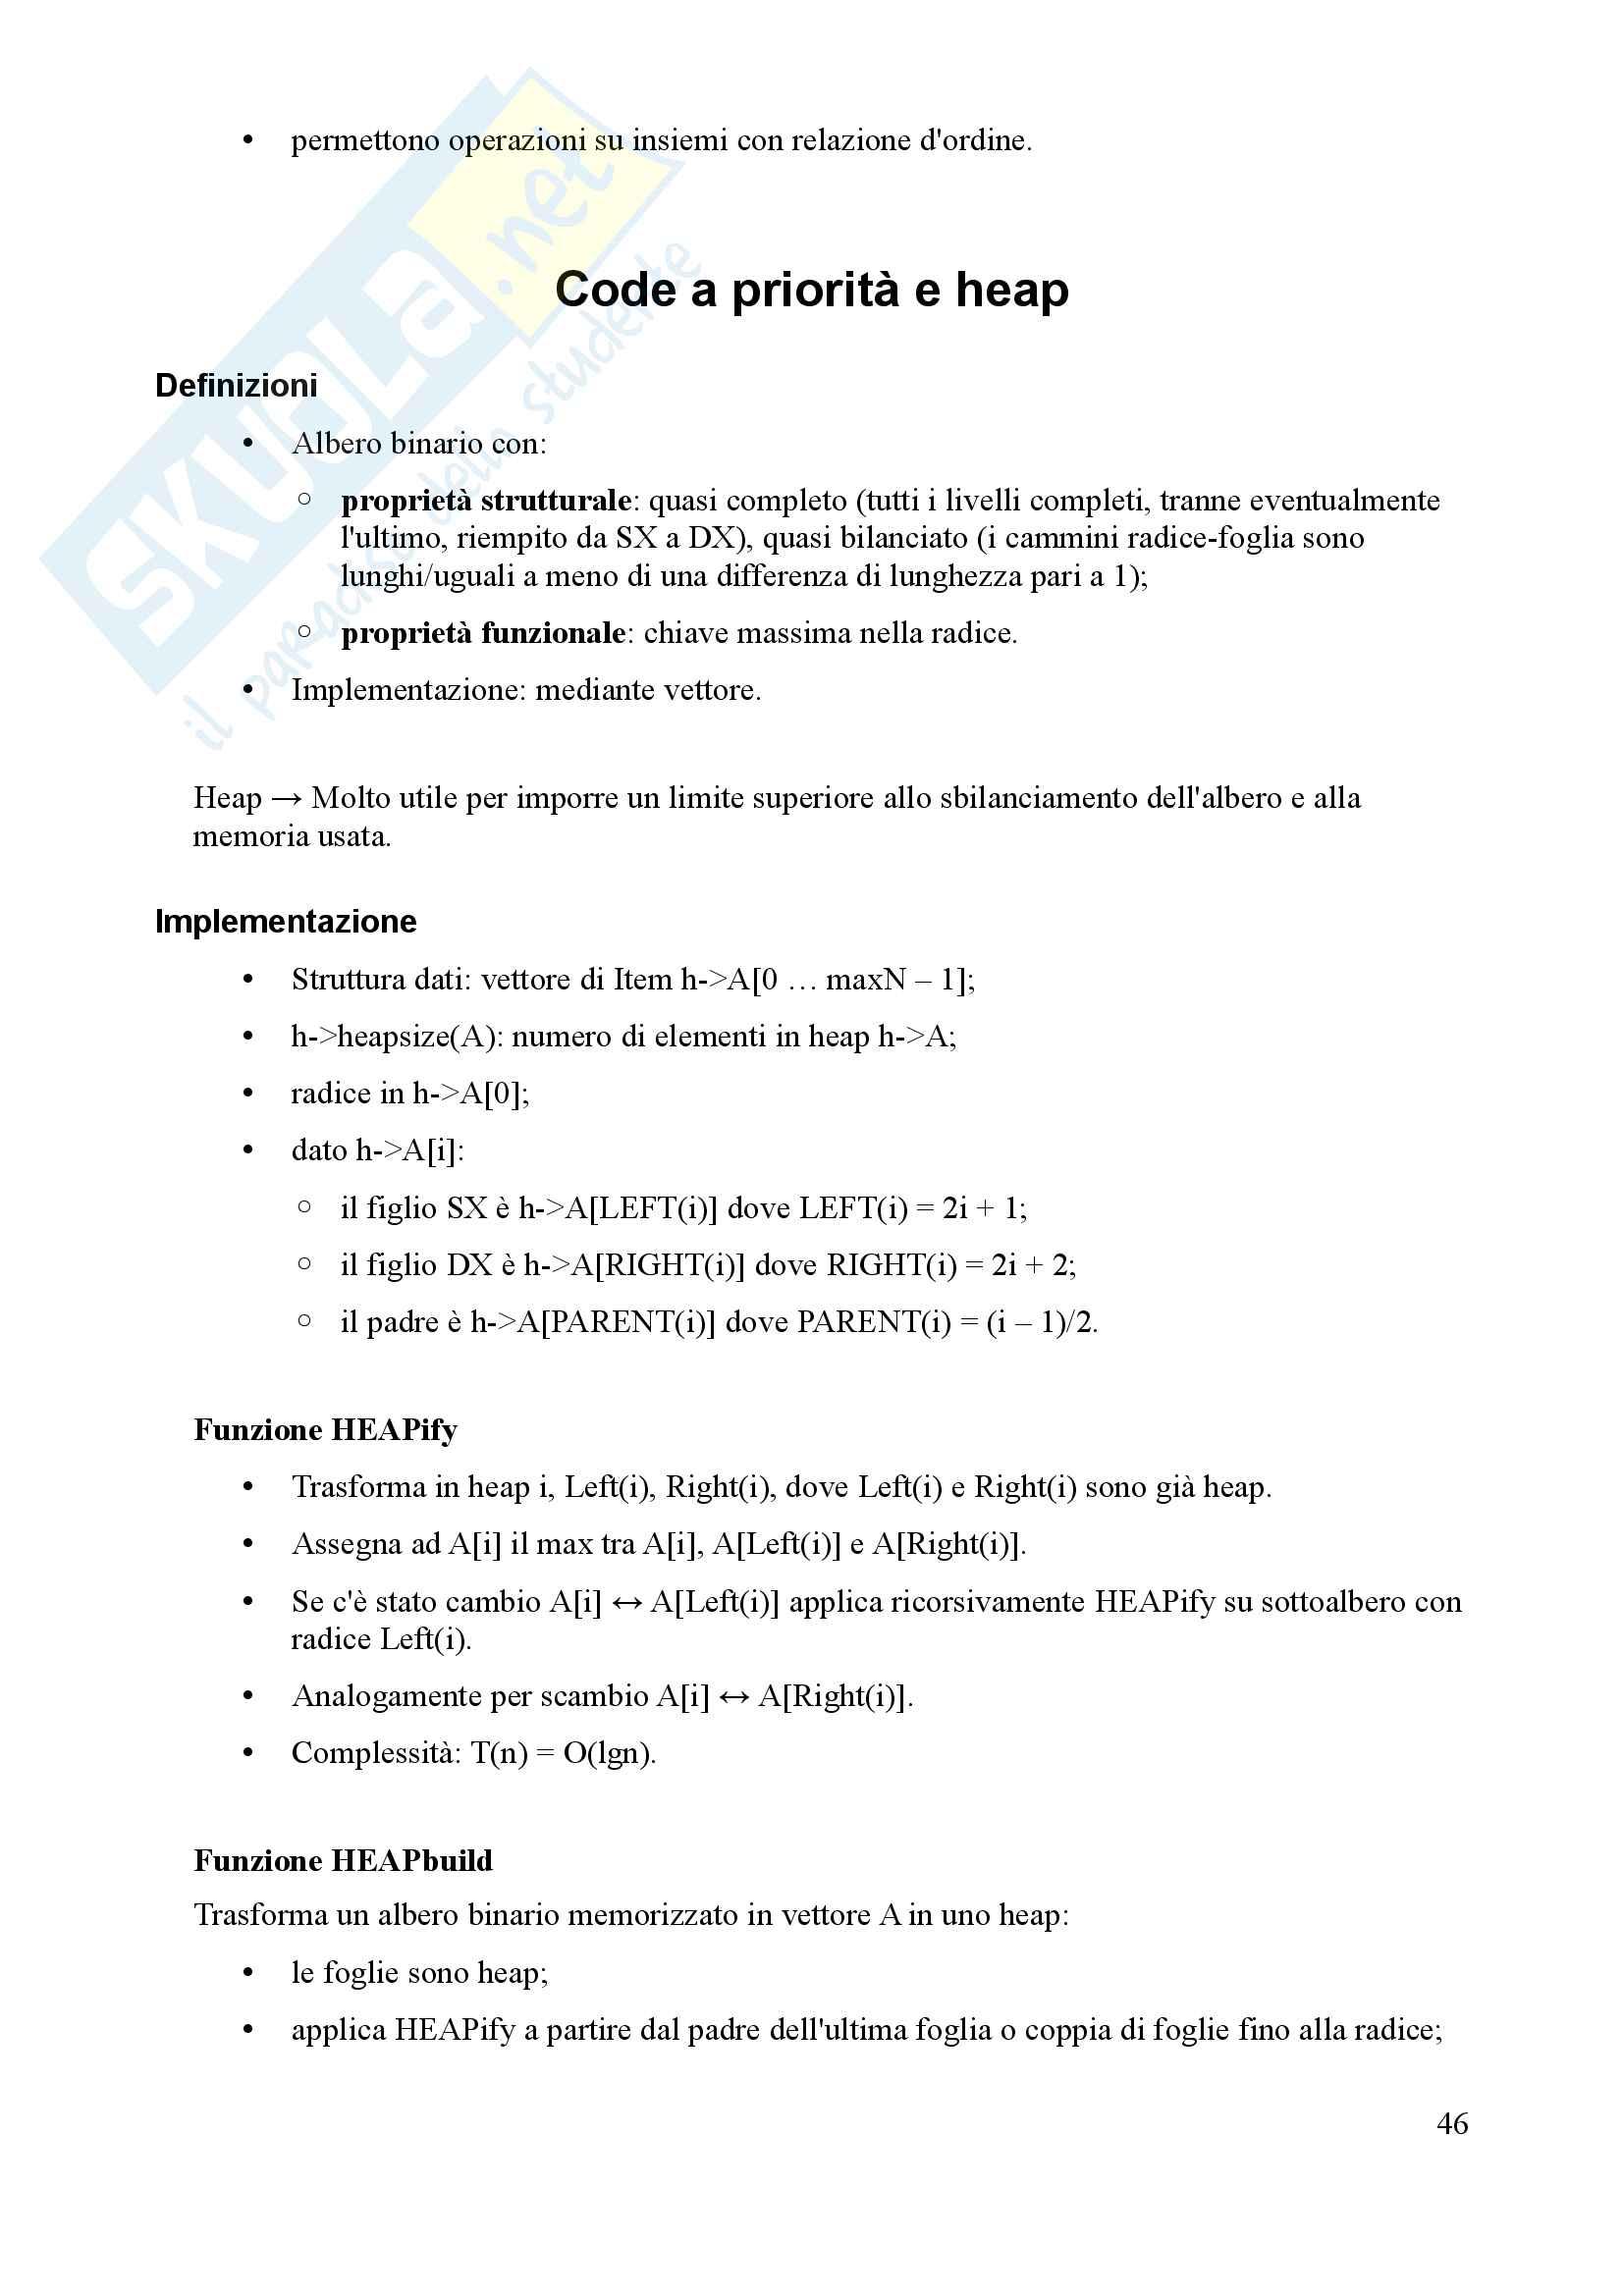 Algoritmi e Programmazione - Appunti Pag. 46